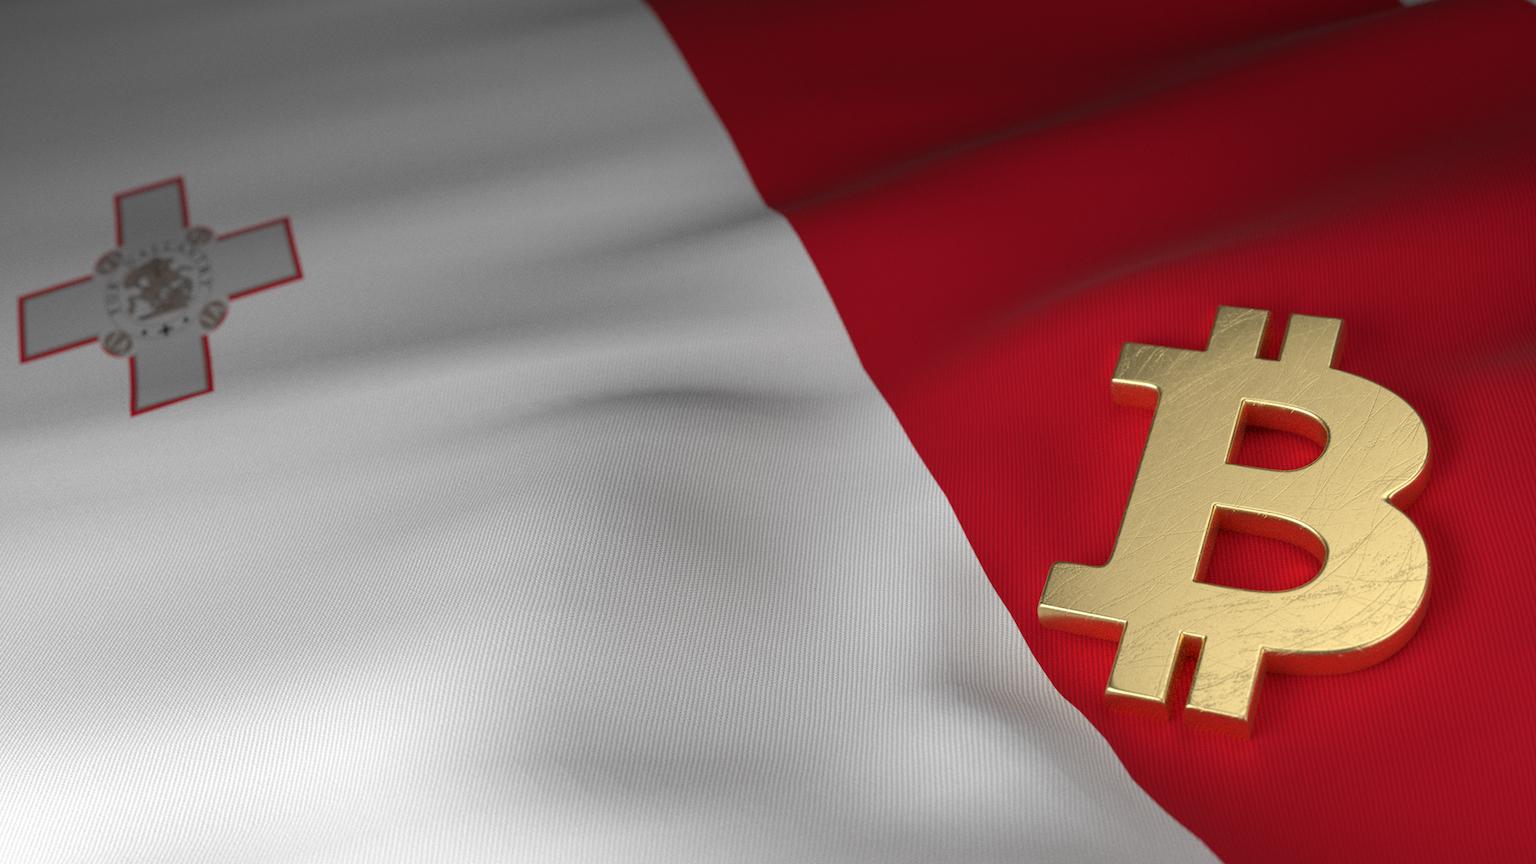 Malta pubblica tre nuovi disegni di legge diventando il nuovo paradiso delle criptovalute e delle ICO - Malta pubblica tre nuovi disegni di legge diventando il nuovo paradiso delle criptovalute e delle ICO?